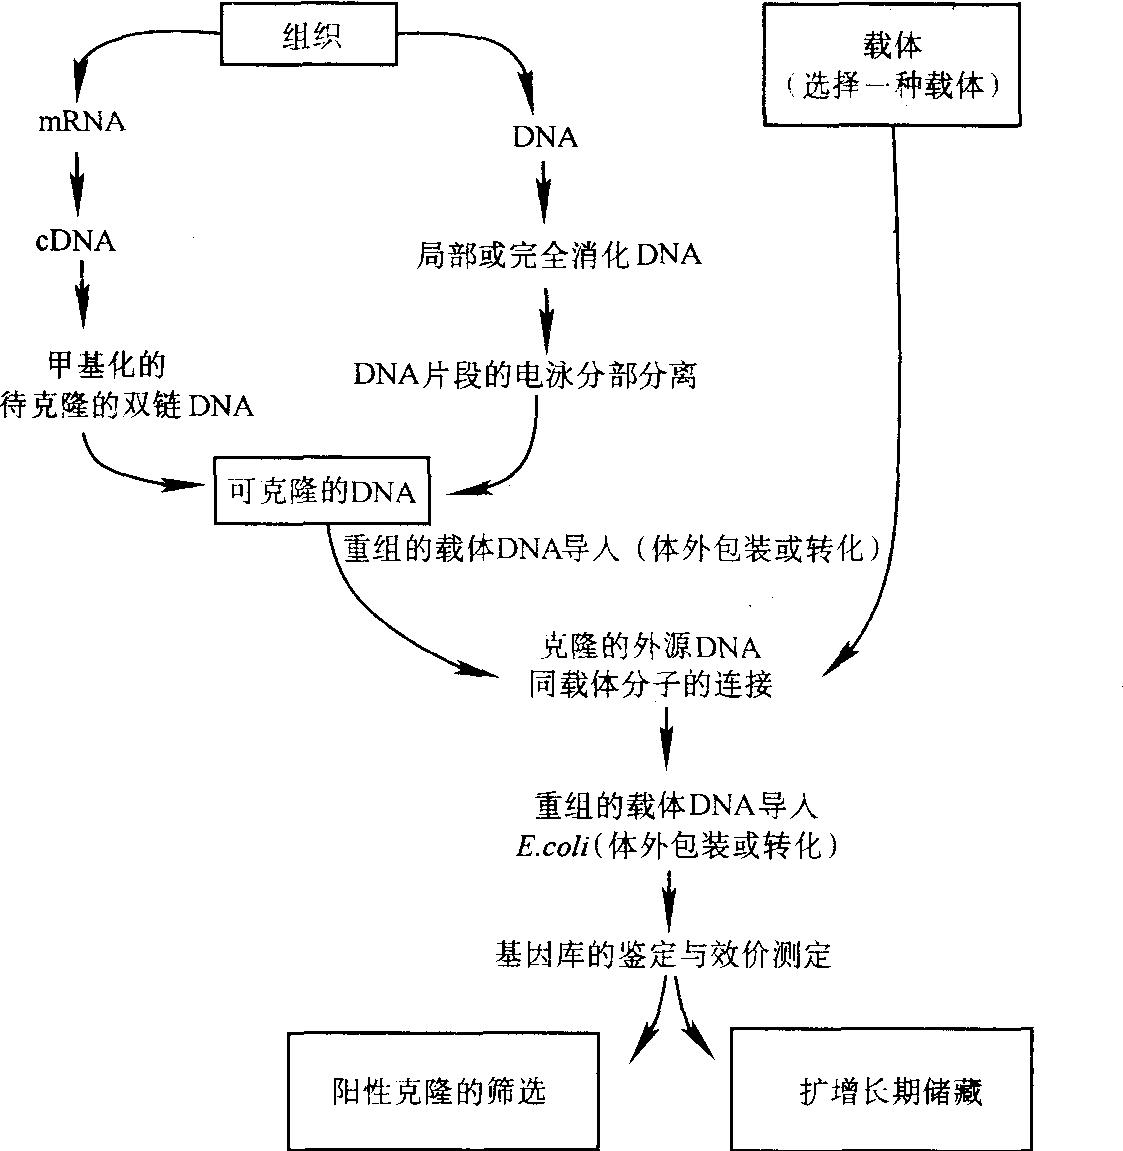 图11-5-1 真核基因分子克隆的基本步骤